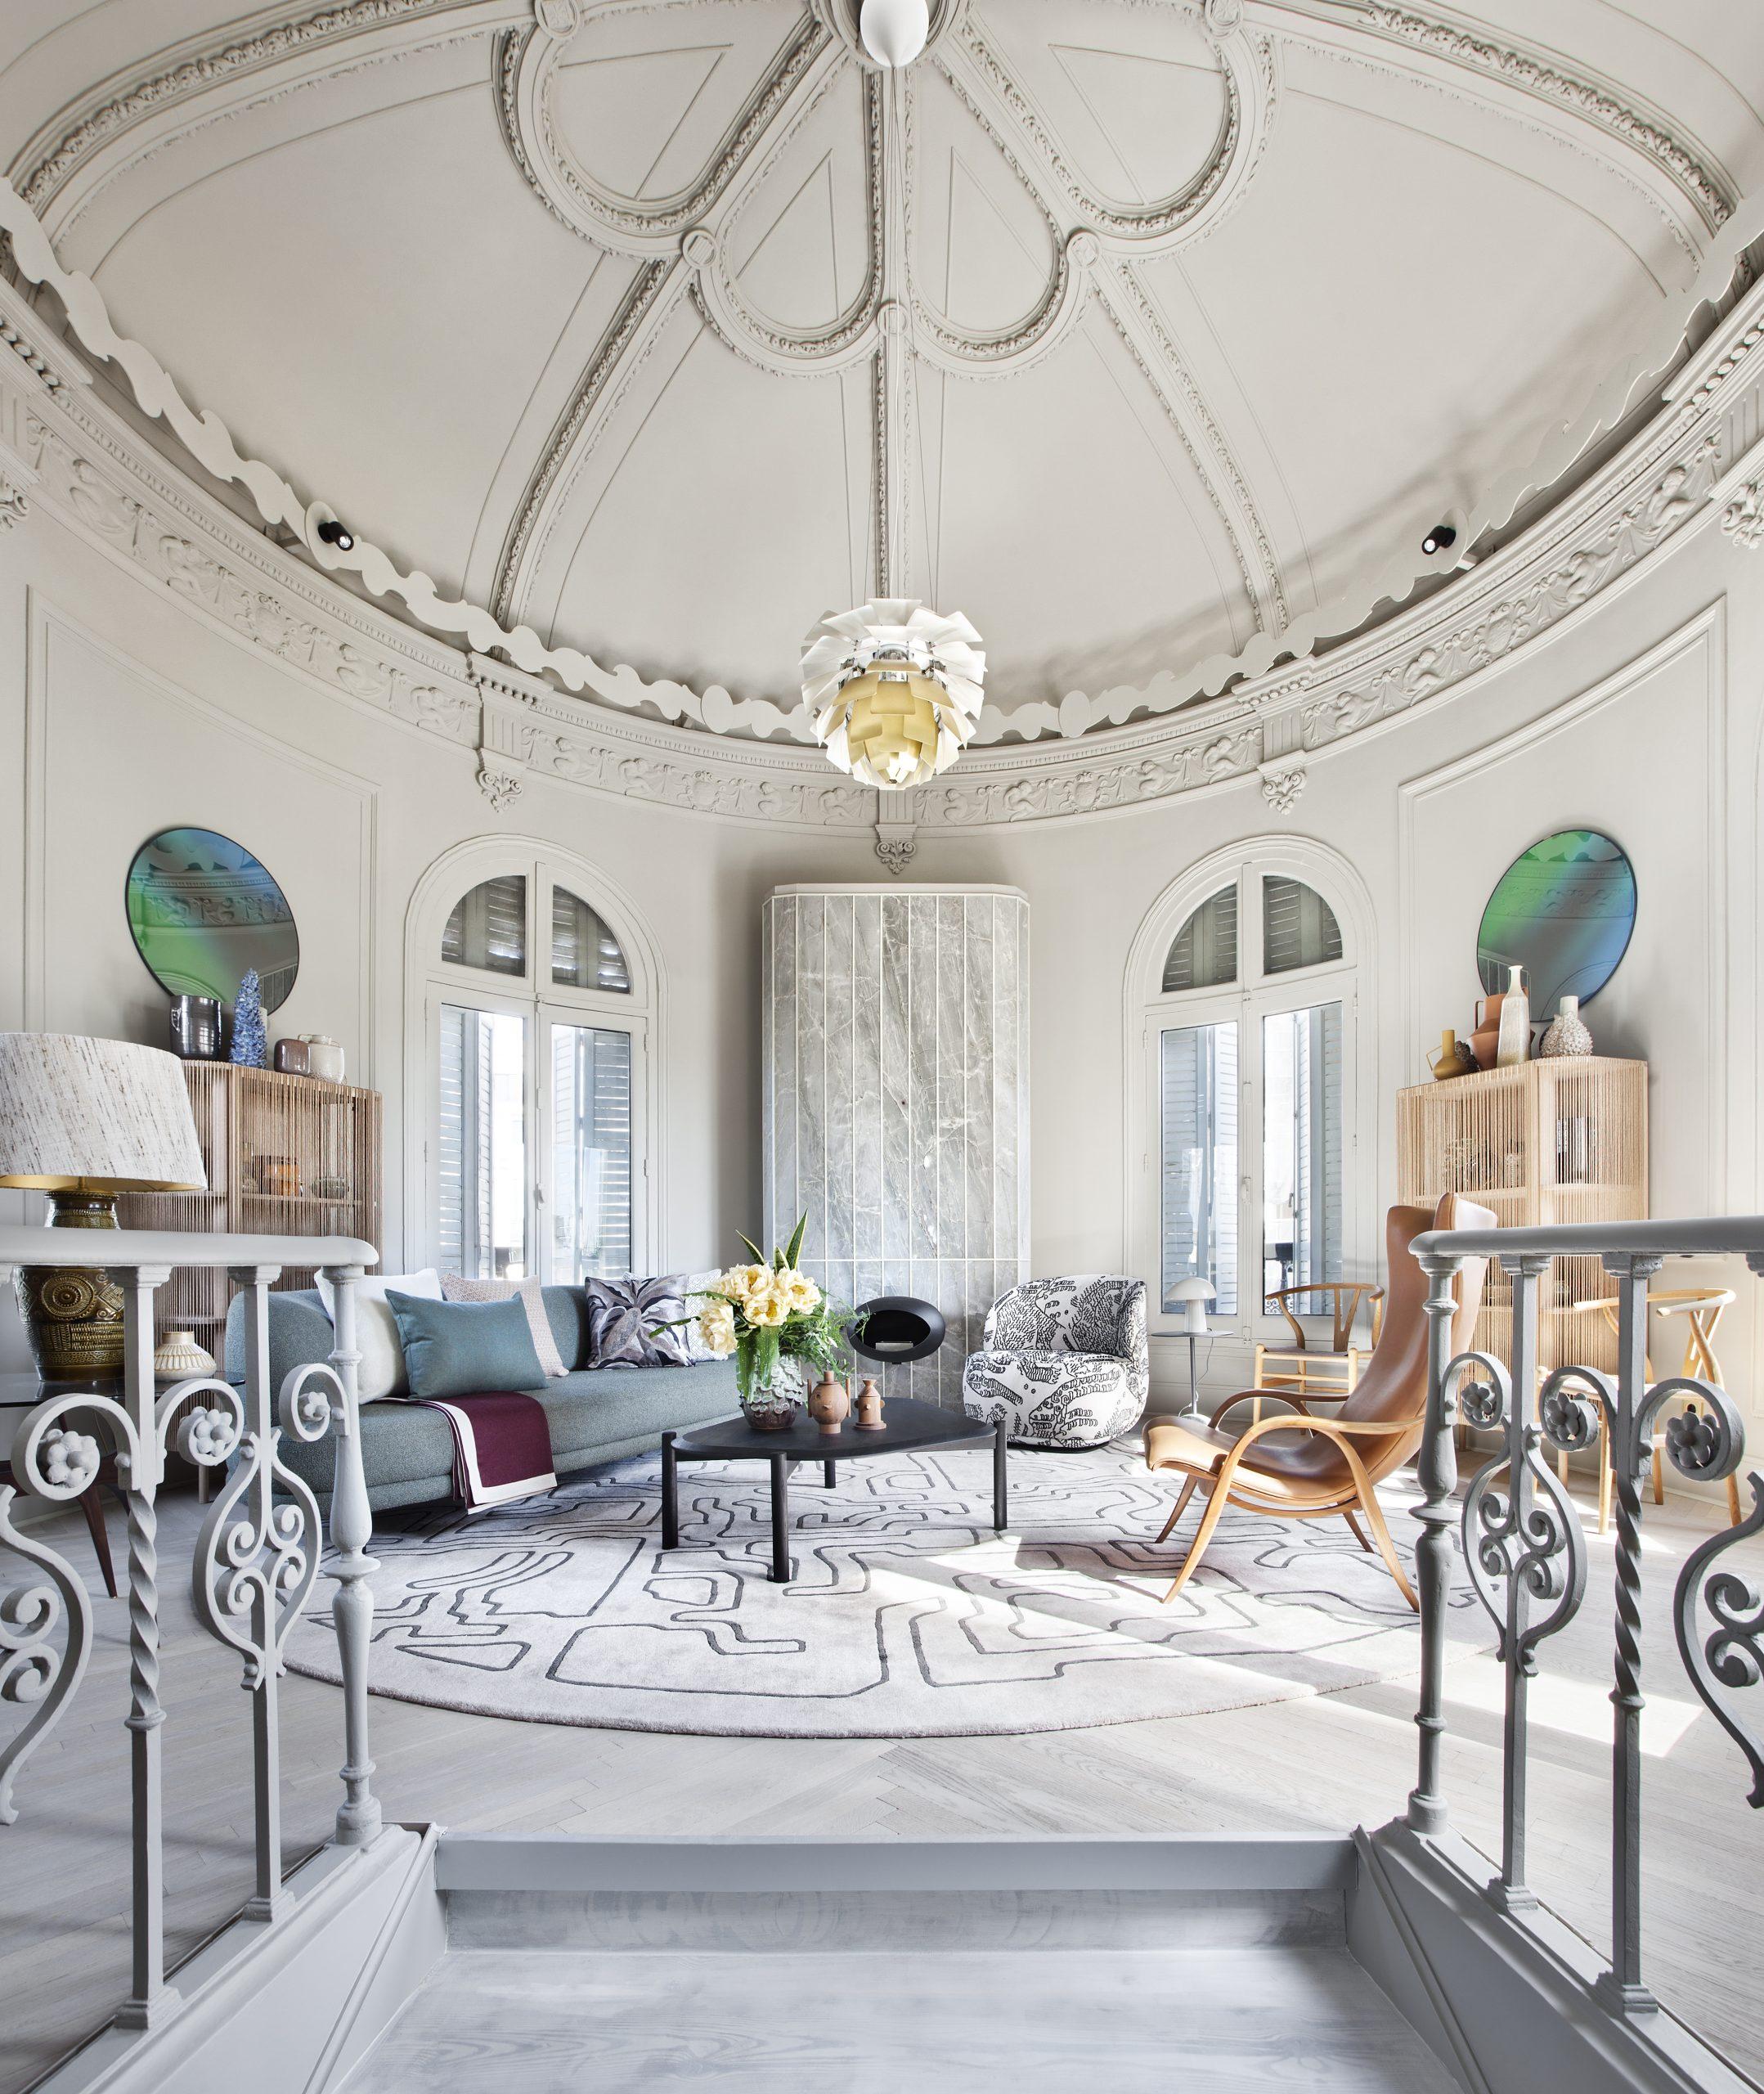 Diseño de Interiores: Una selección poderosa de proyectos en Madrid diseño de interiores Diseño de Interiores: Una selección poderosa de proyectos en Madrid Erico navazo scaled